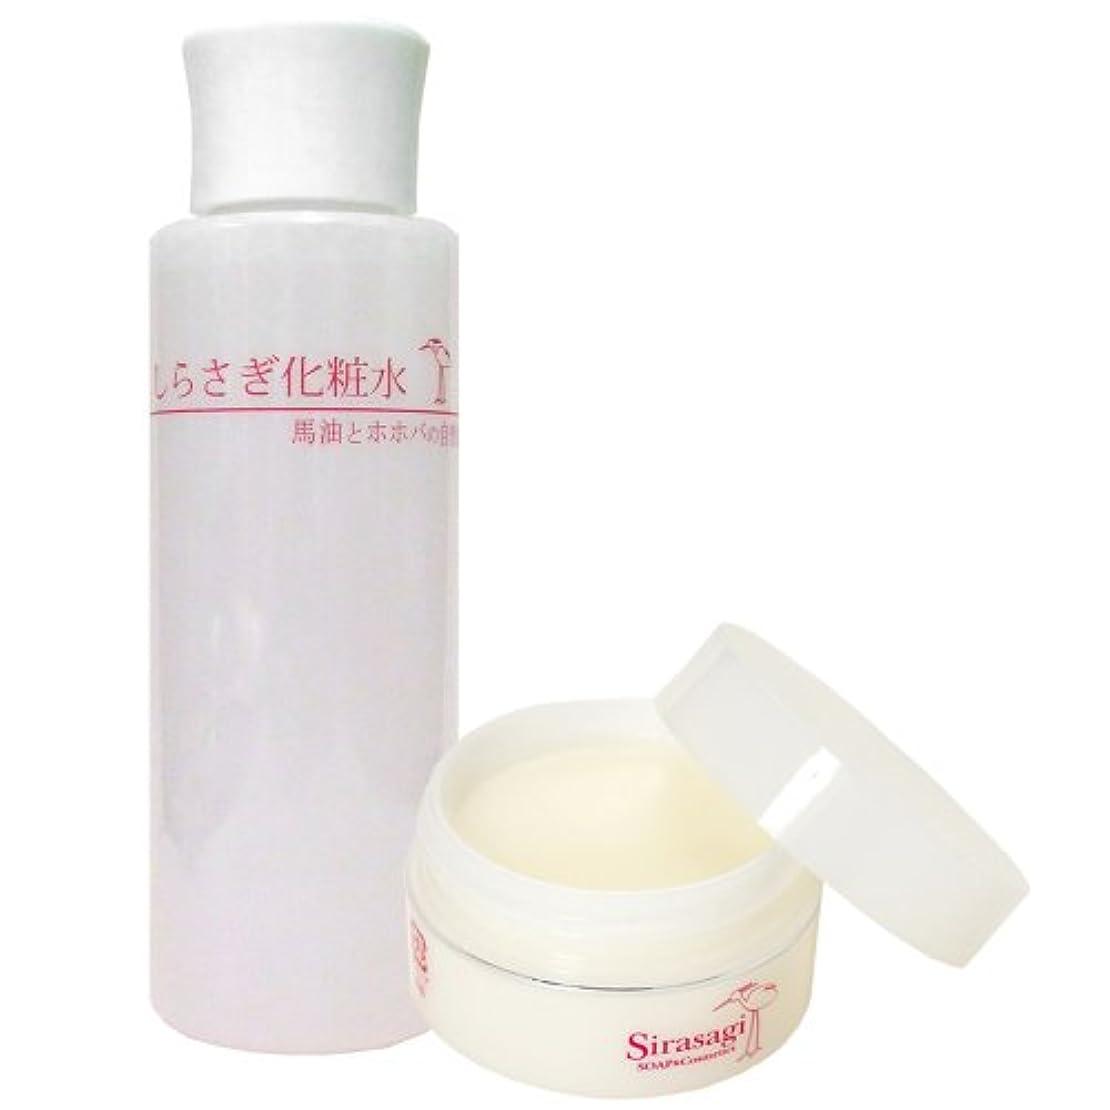 除外するナンセンス野心的しらさぎクリーム(無香料)としらさぎ化粧水のセット